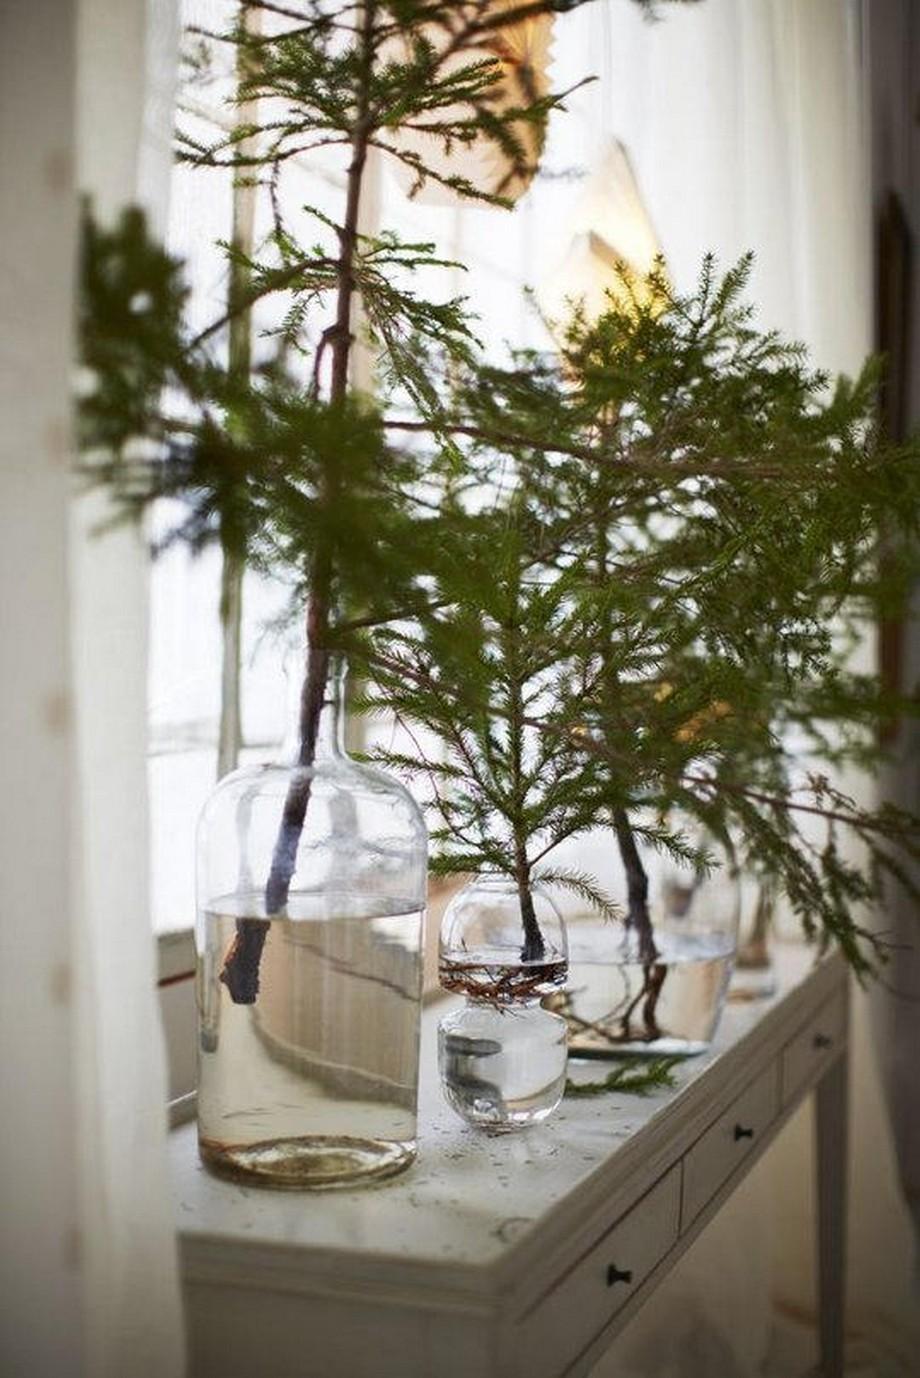 """Những cây thông noel """"siêu nhỏ"""" ở góc cửa sổ cũng là cách trang trí đẹp mắt cho cả căn nhà"""